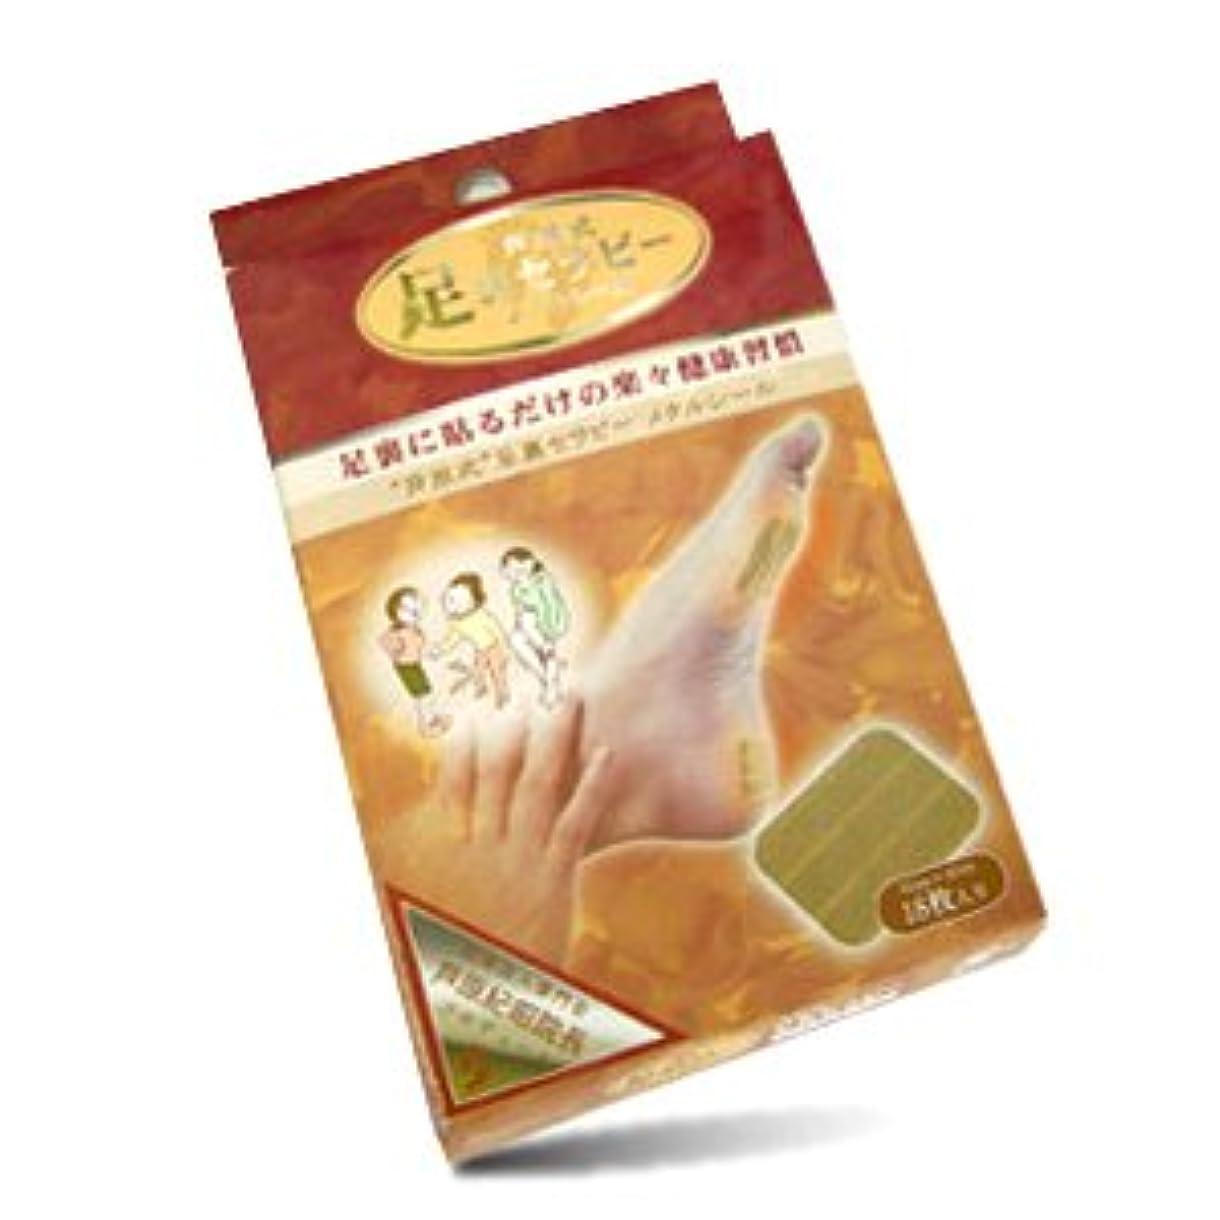 リールドラマ道徳の芦原式足裏セラピー メタルシール 84枚入り 足裏に貼るだけの楽々健康習慣!